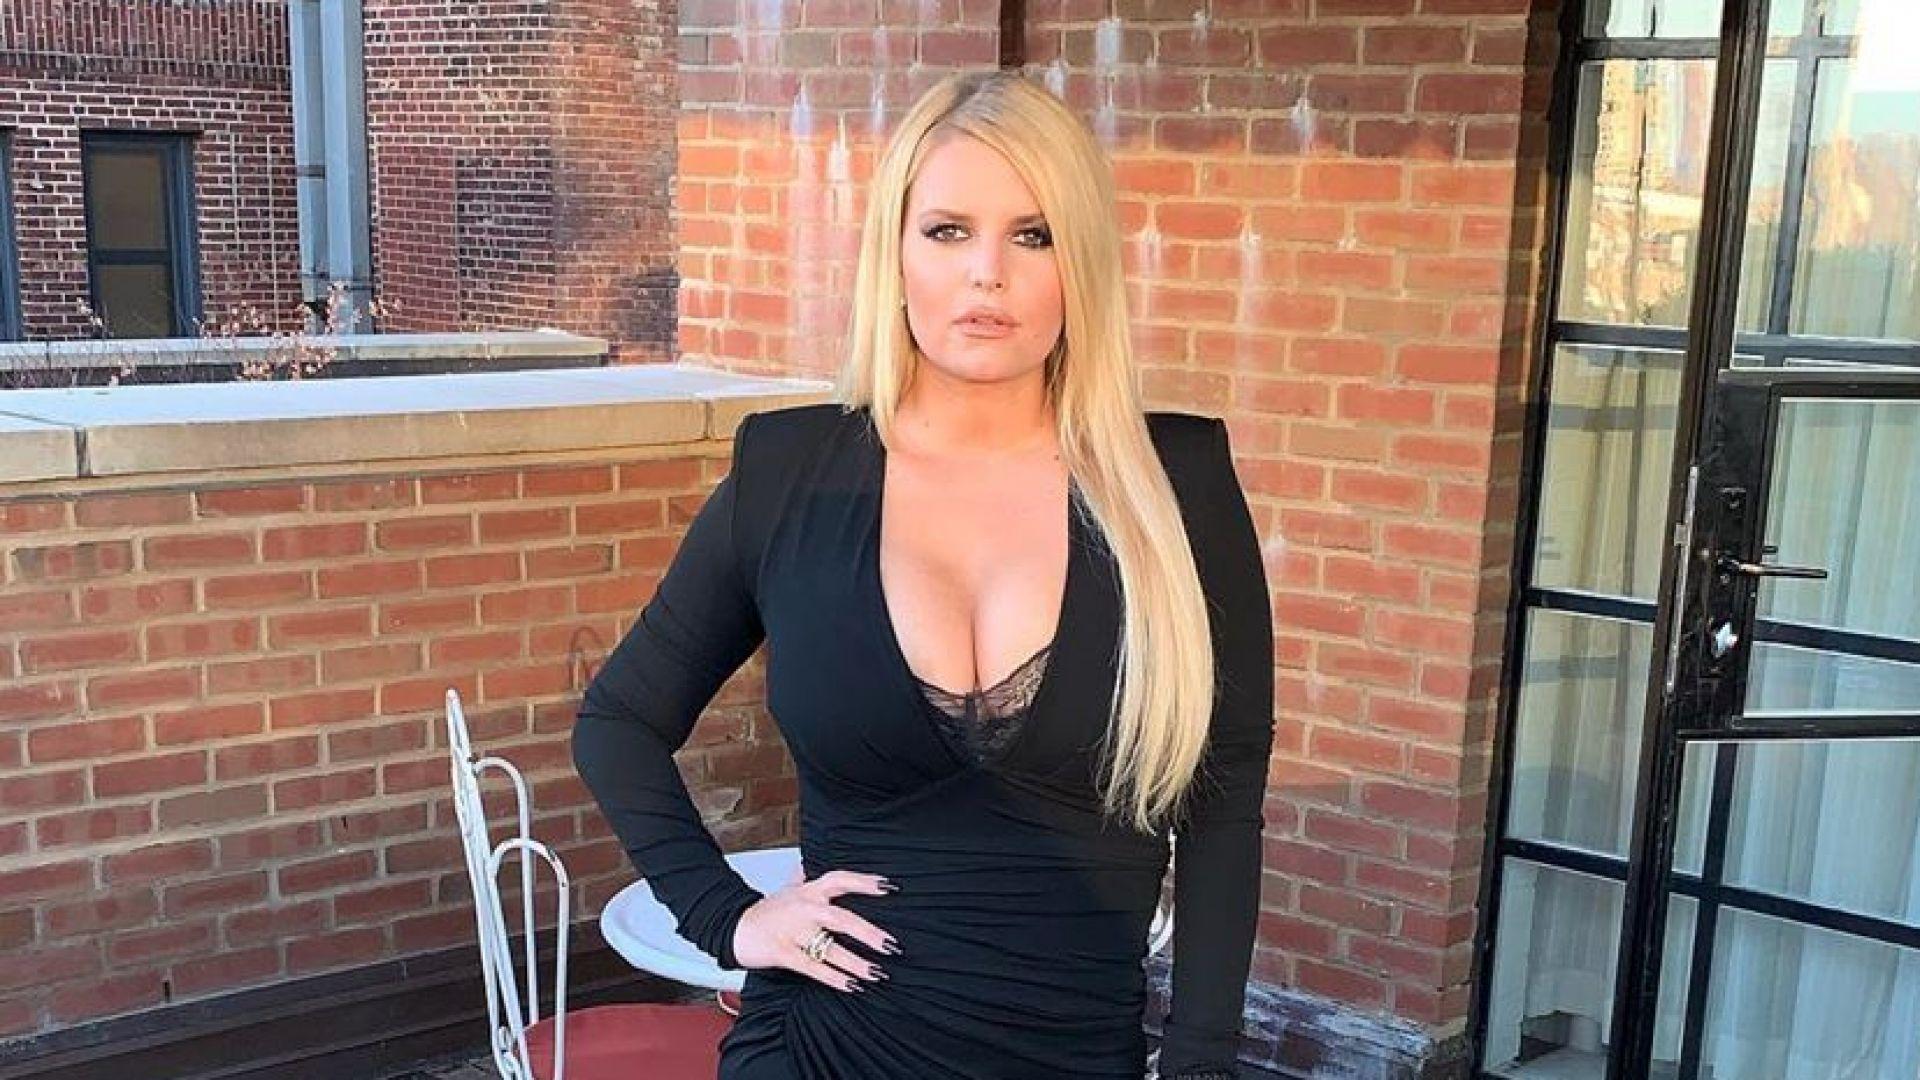 Треньорът на Джесика Симпсън разкри как певицата е свалила 45 кг за 6 месеца